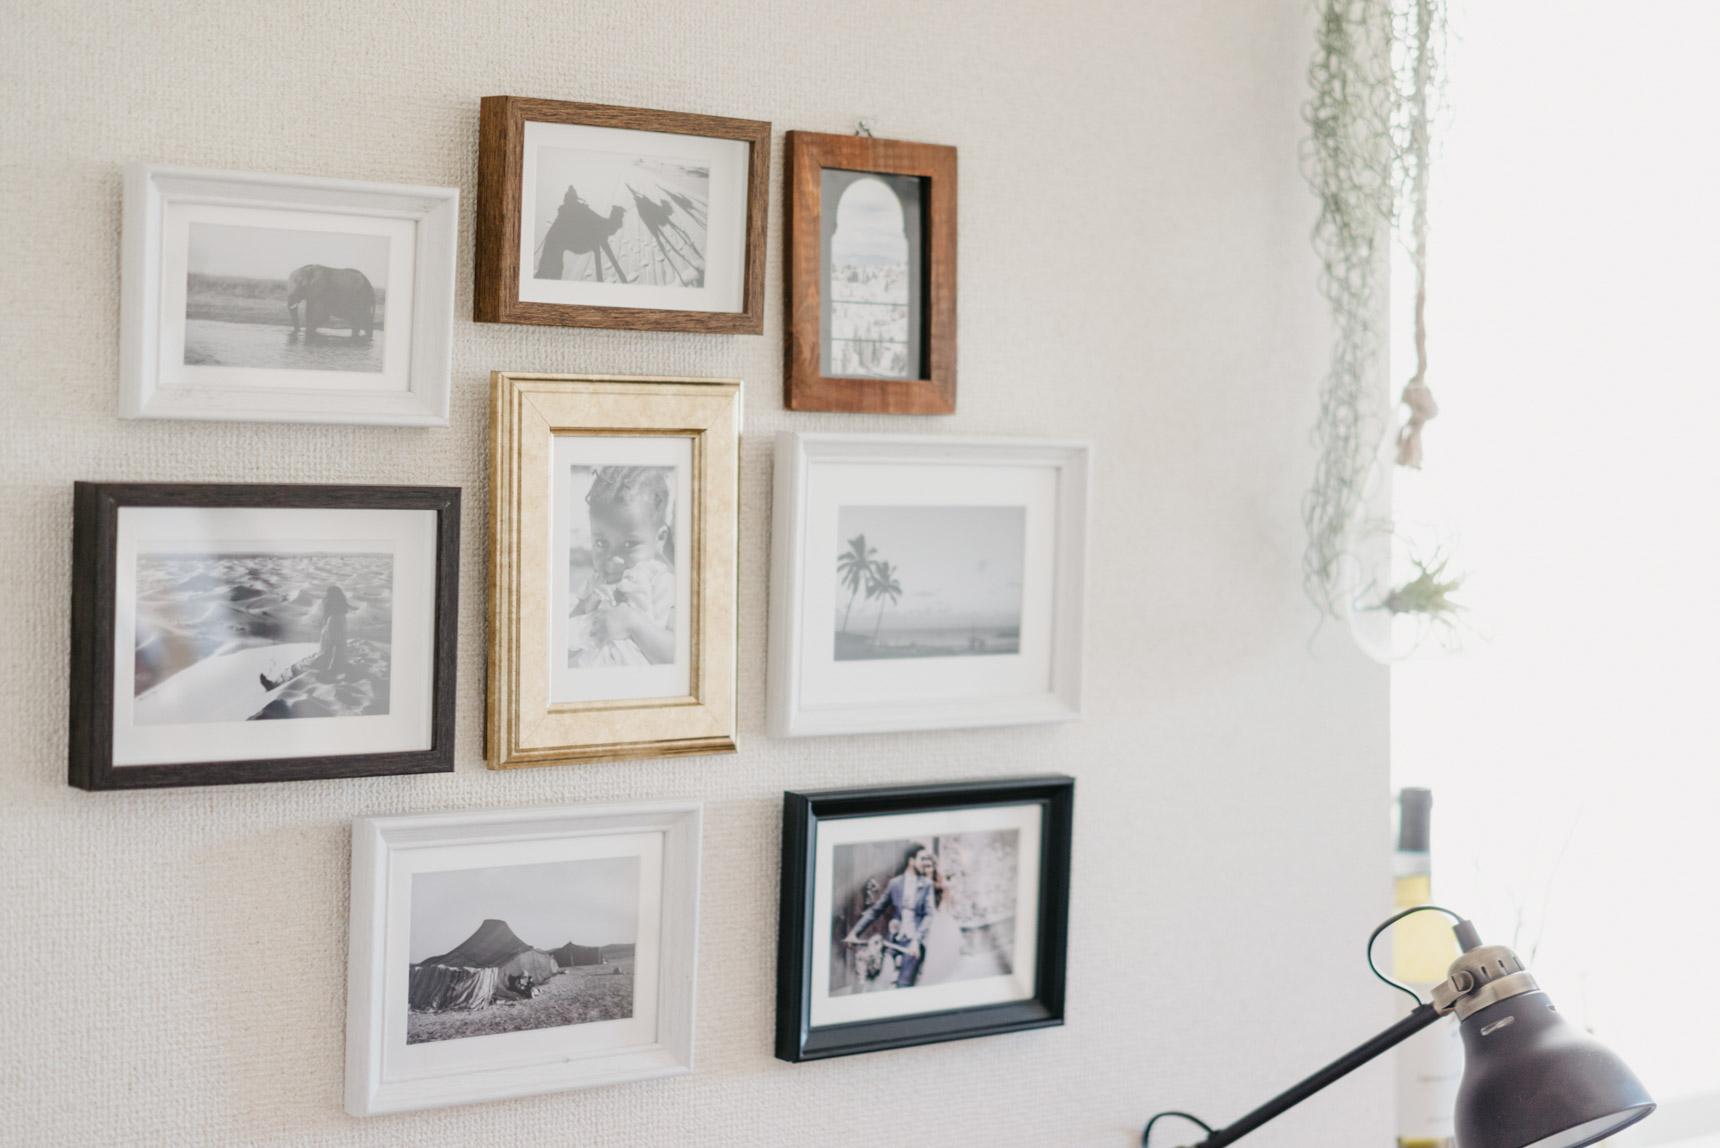 壁にかけられていたたくさんのフォトフレーム。印象的な写真だなぁと思ってお聞きしてみたら、ご本人が撮影されたものということで、びっくり。